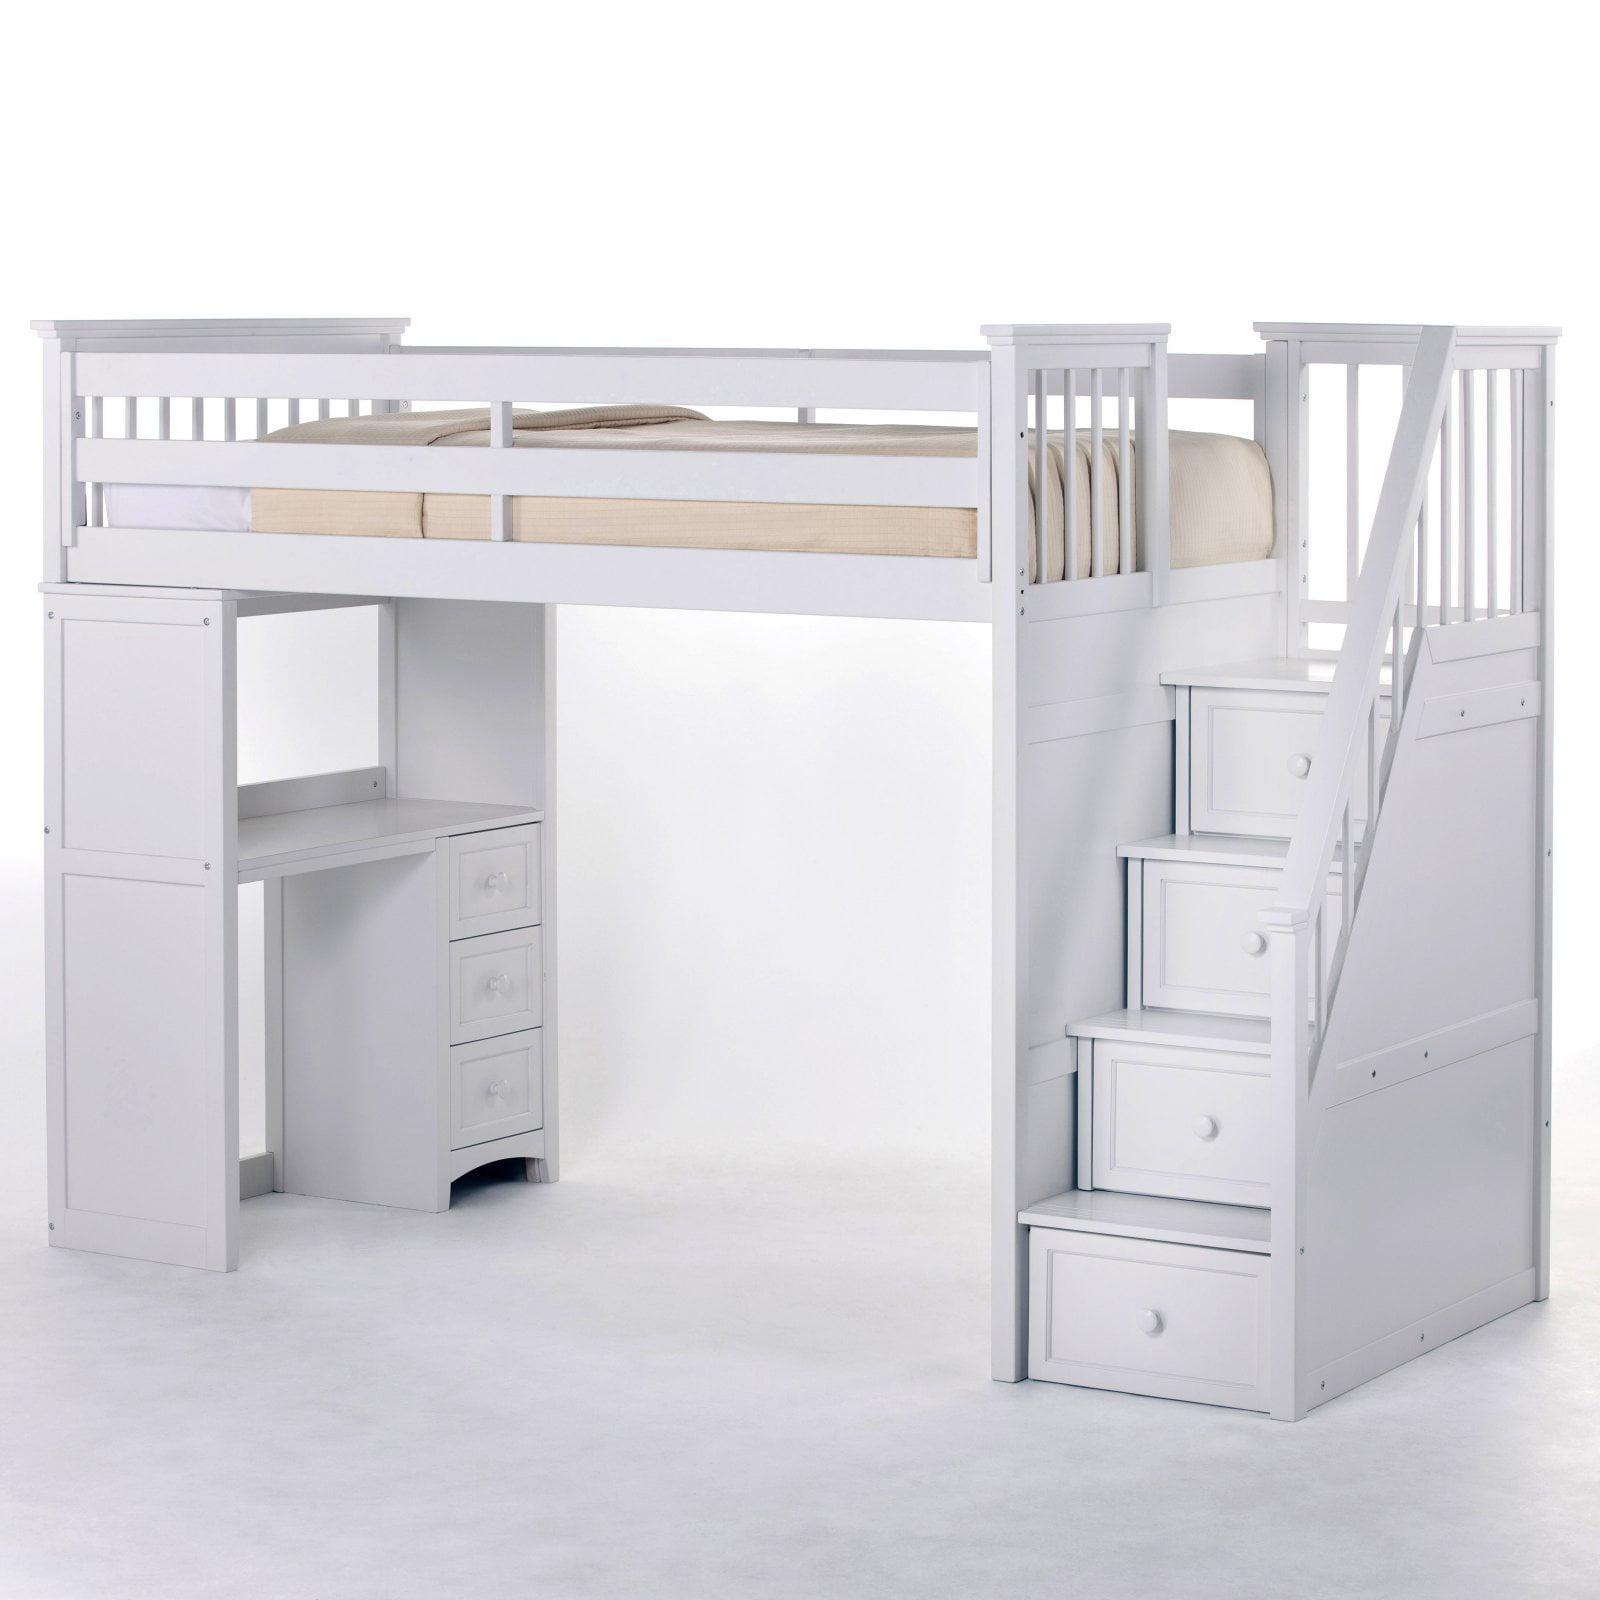 NE Kids Schoolhouse Stairway Loft Bed - White